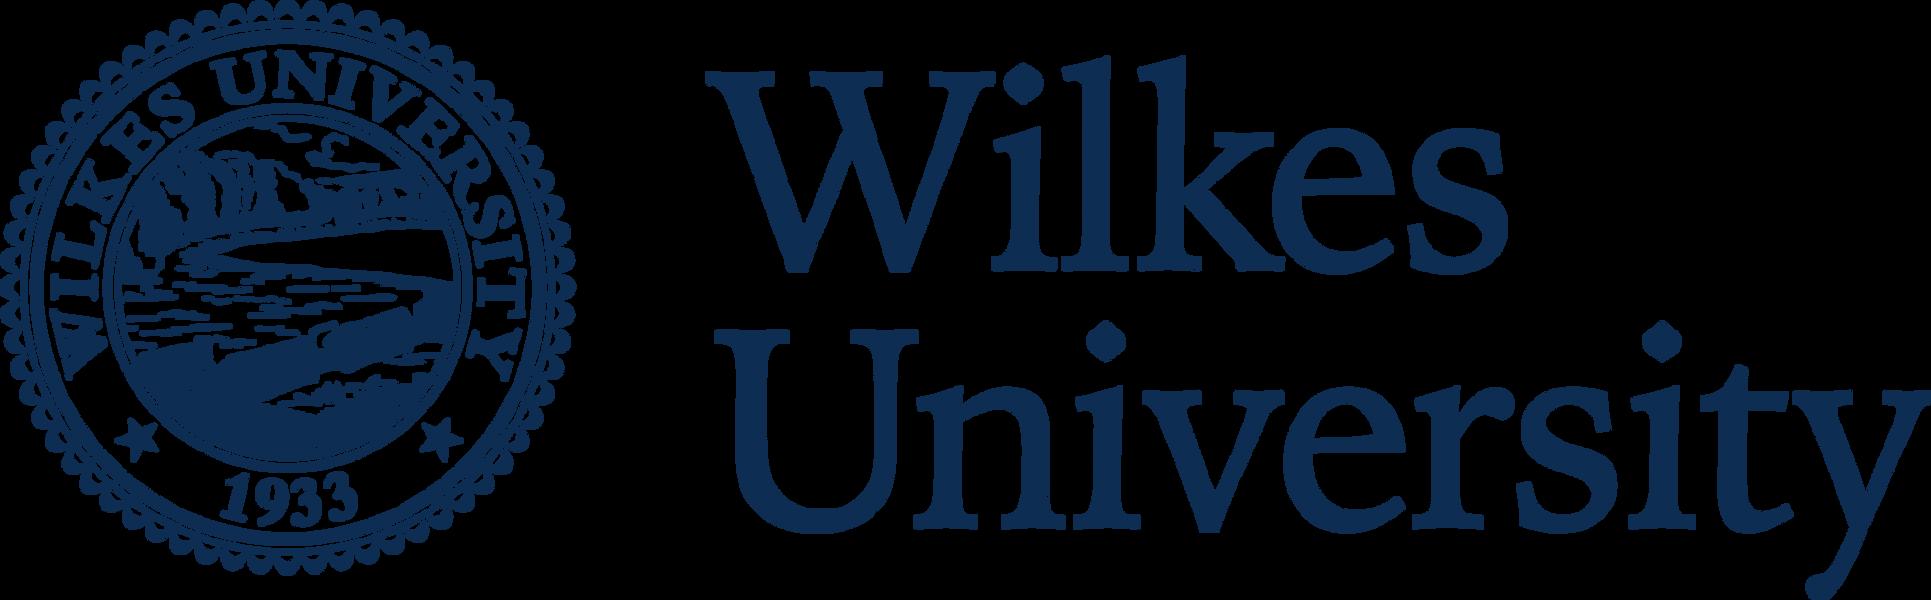 Wilkes-website-logo.png